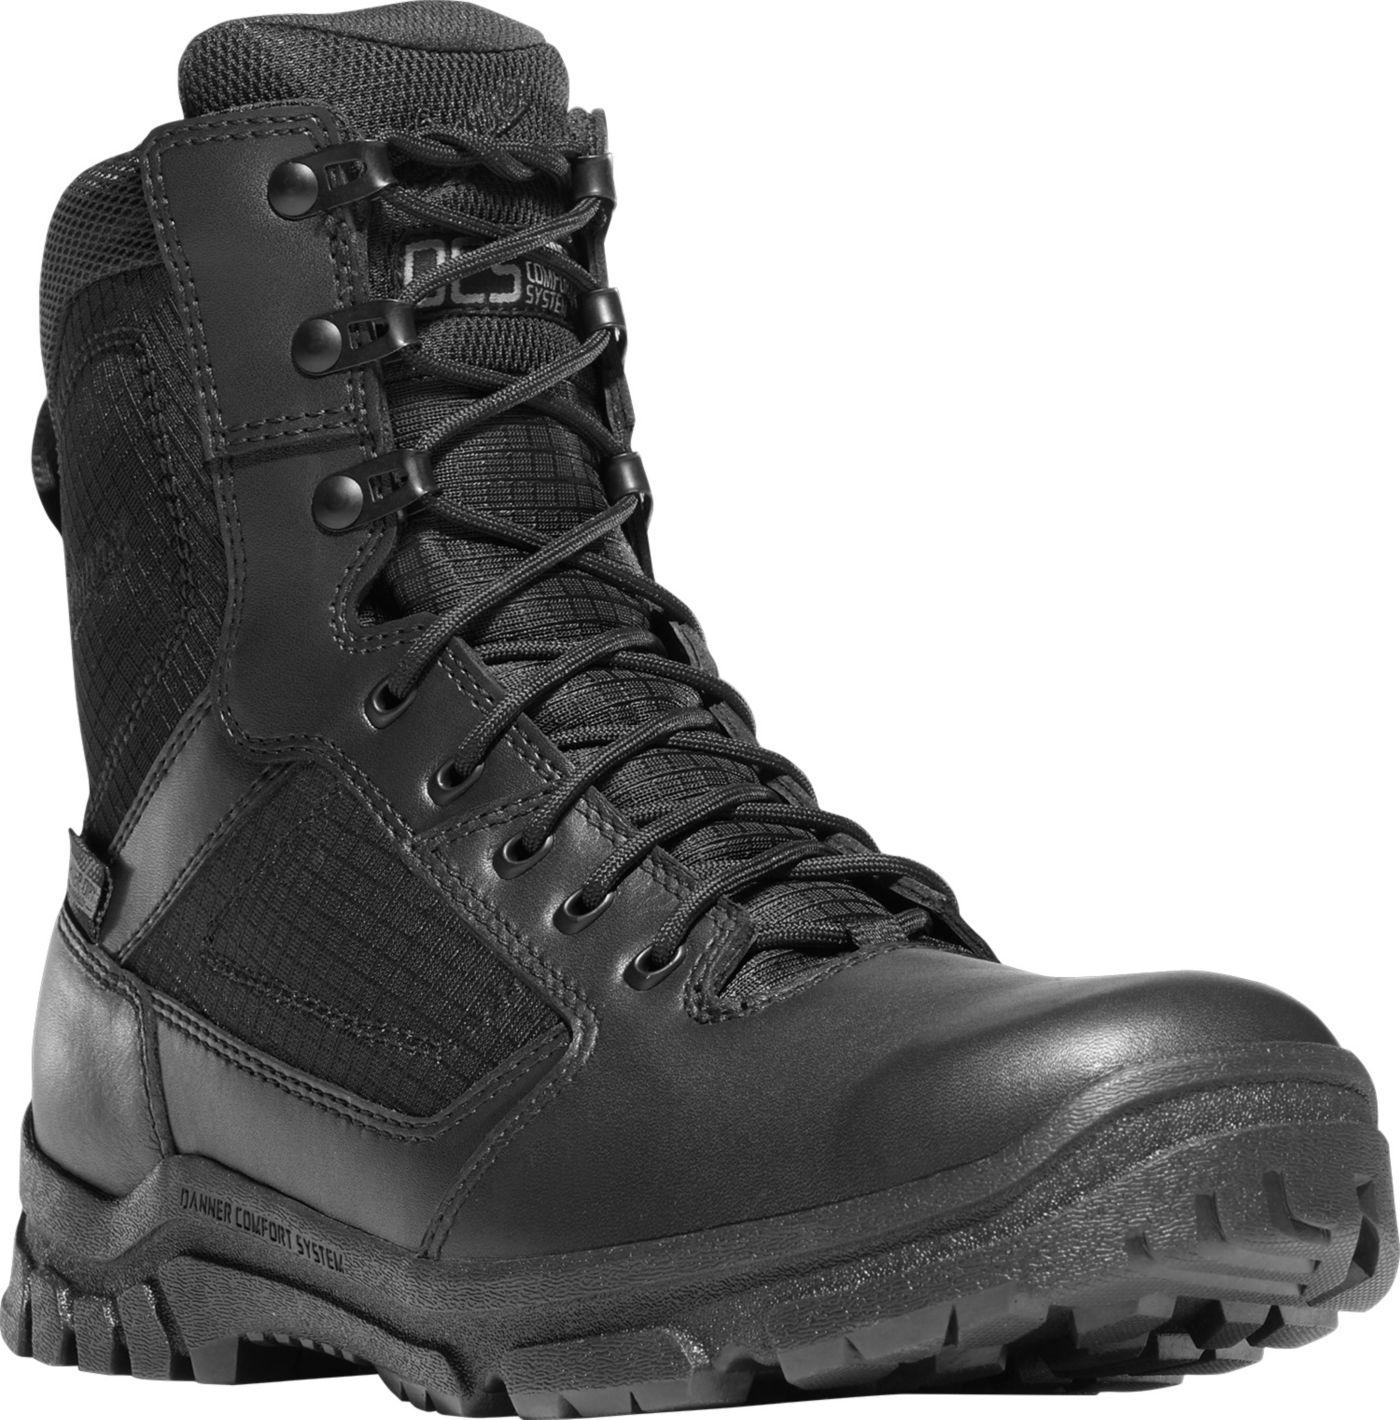 Danner Men's Lookout 8'' Waterproof Tactical Boots